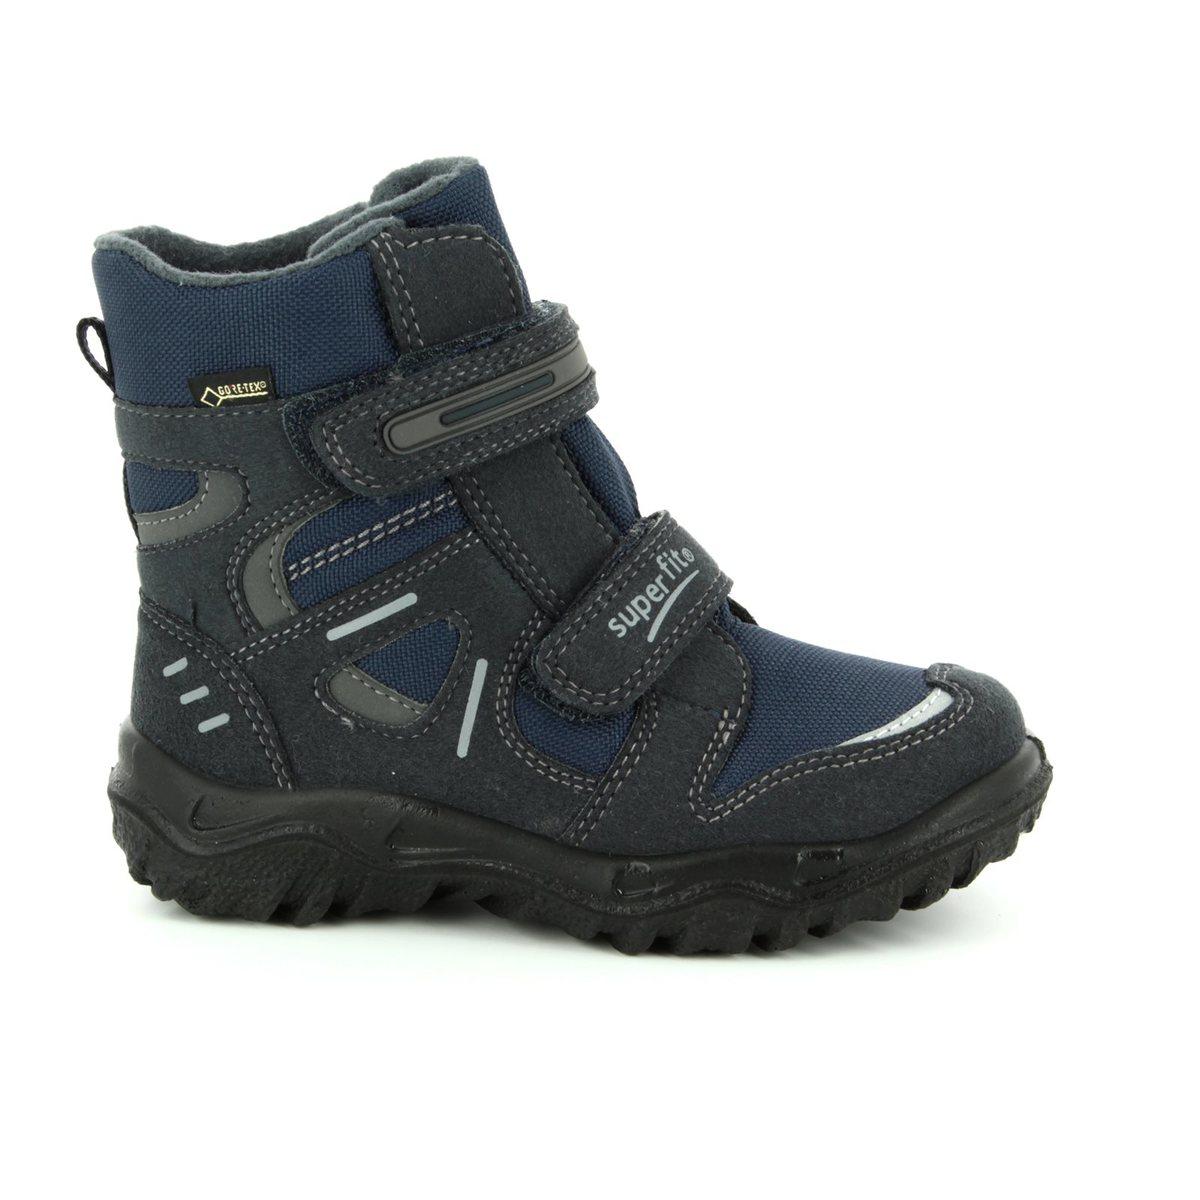 9f3f5e481d6 Superfit Boots - Navy - 00080/80 HUSKY GORE-TEX